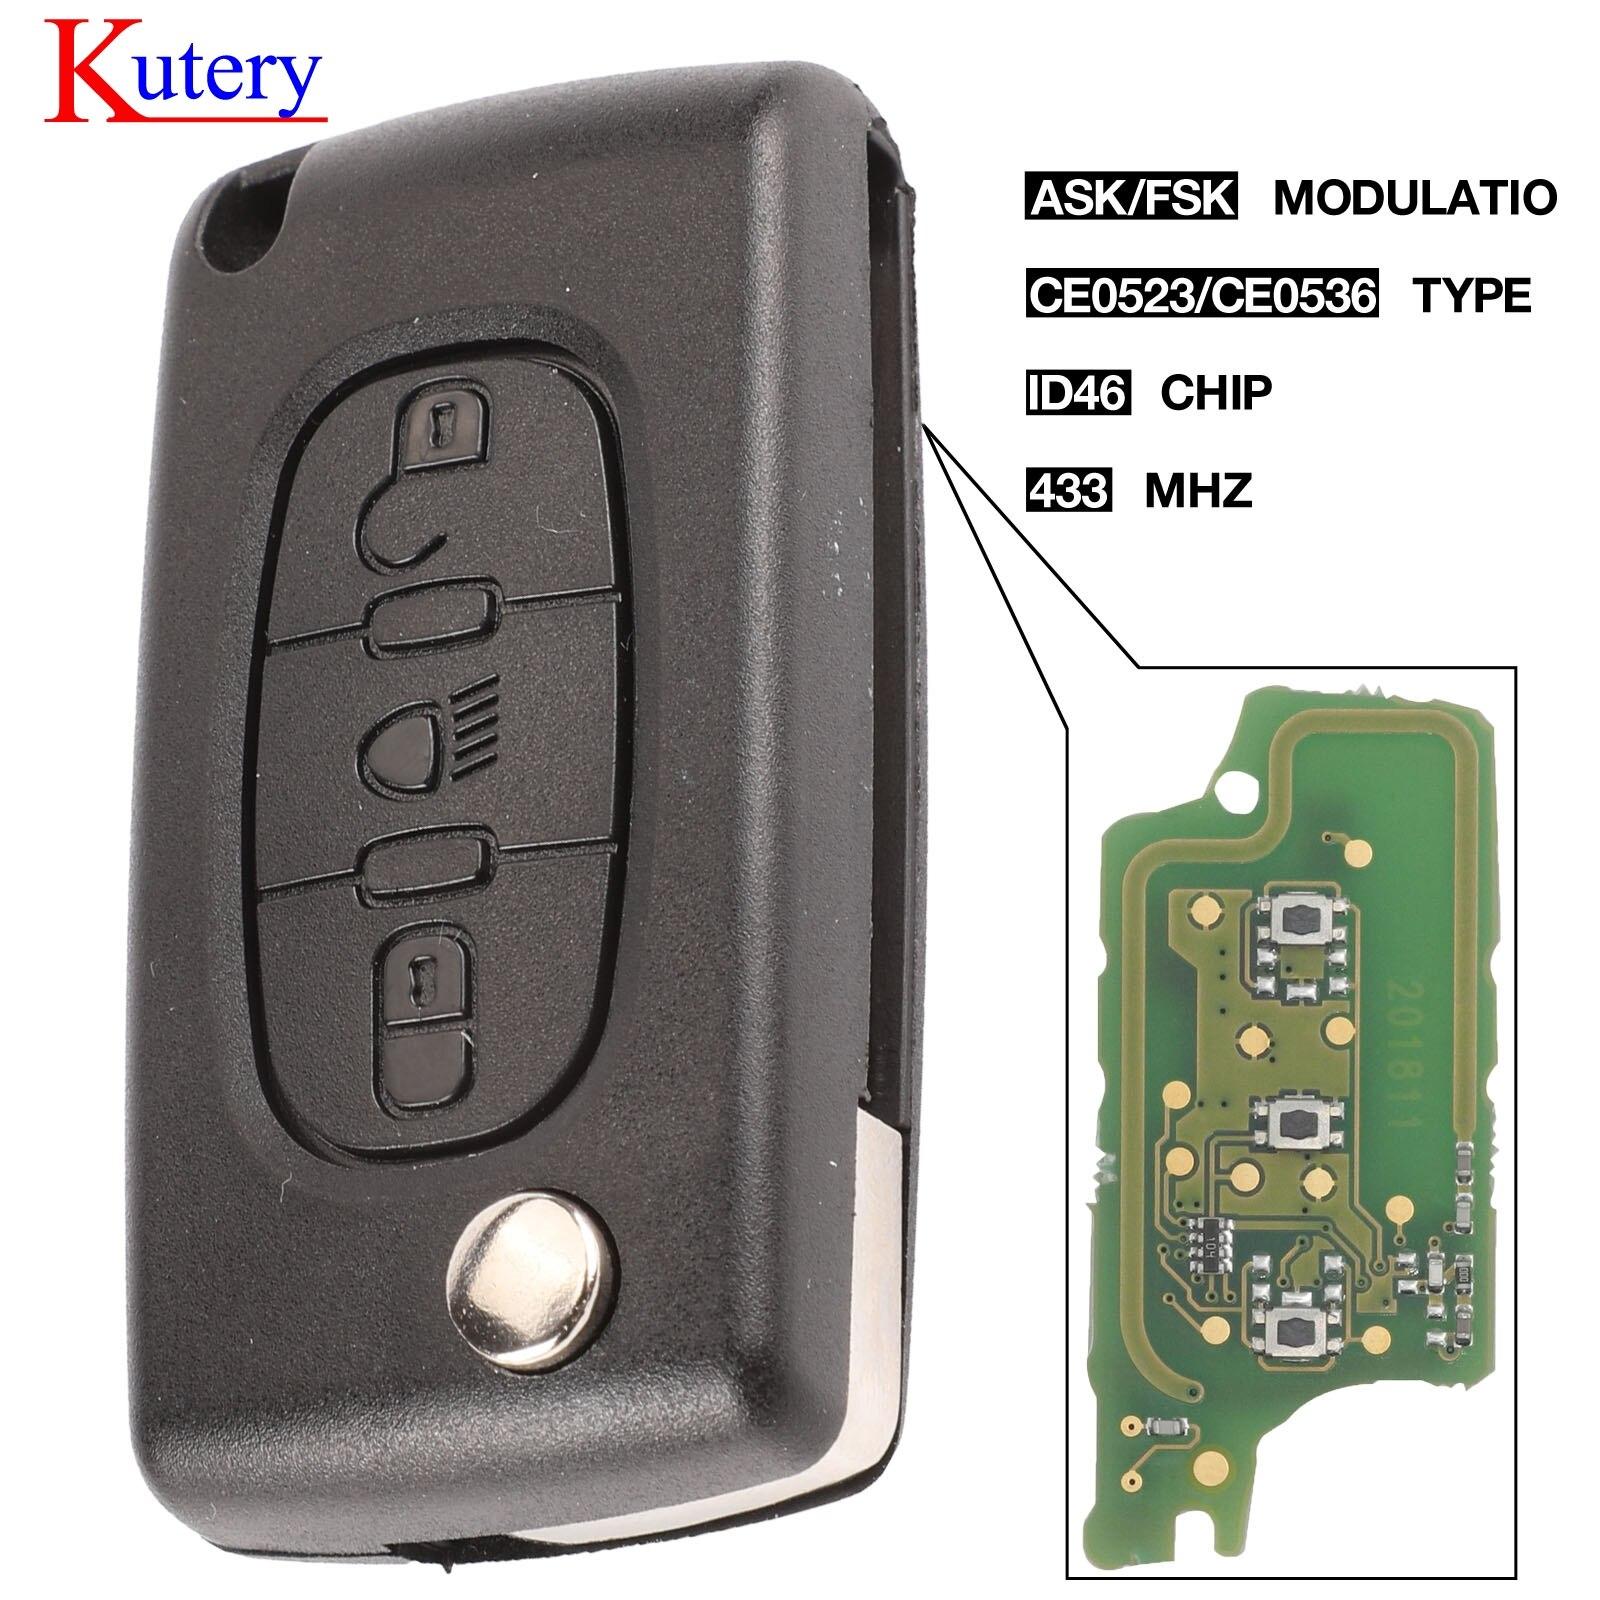 Kutery ASK/FSK 433 МГц ID46 для Citroen C2 C3 C4 C5 C6 C8 3 кнопочный светильник дистанционный ключ-брелок от машины VA2/HCA Blade CE0523 Ce0536